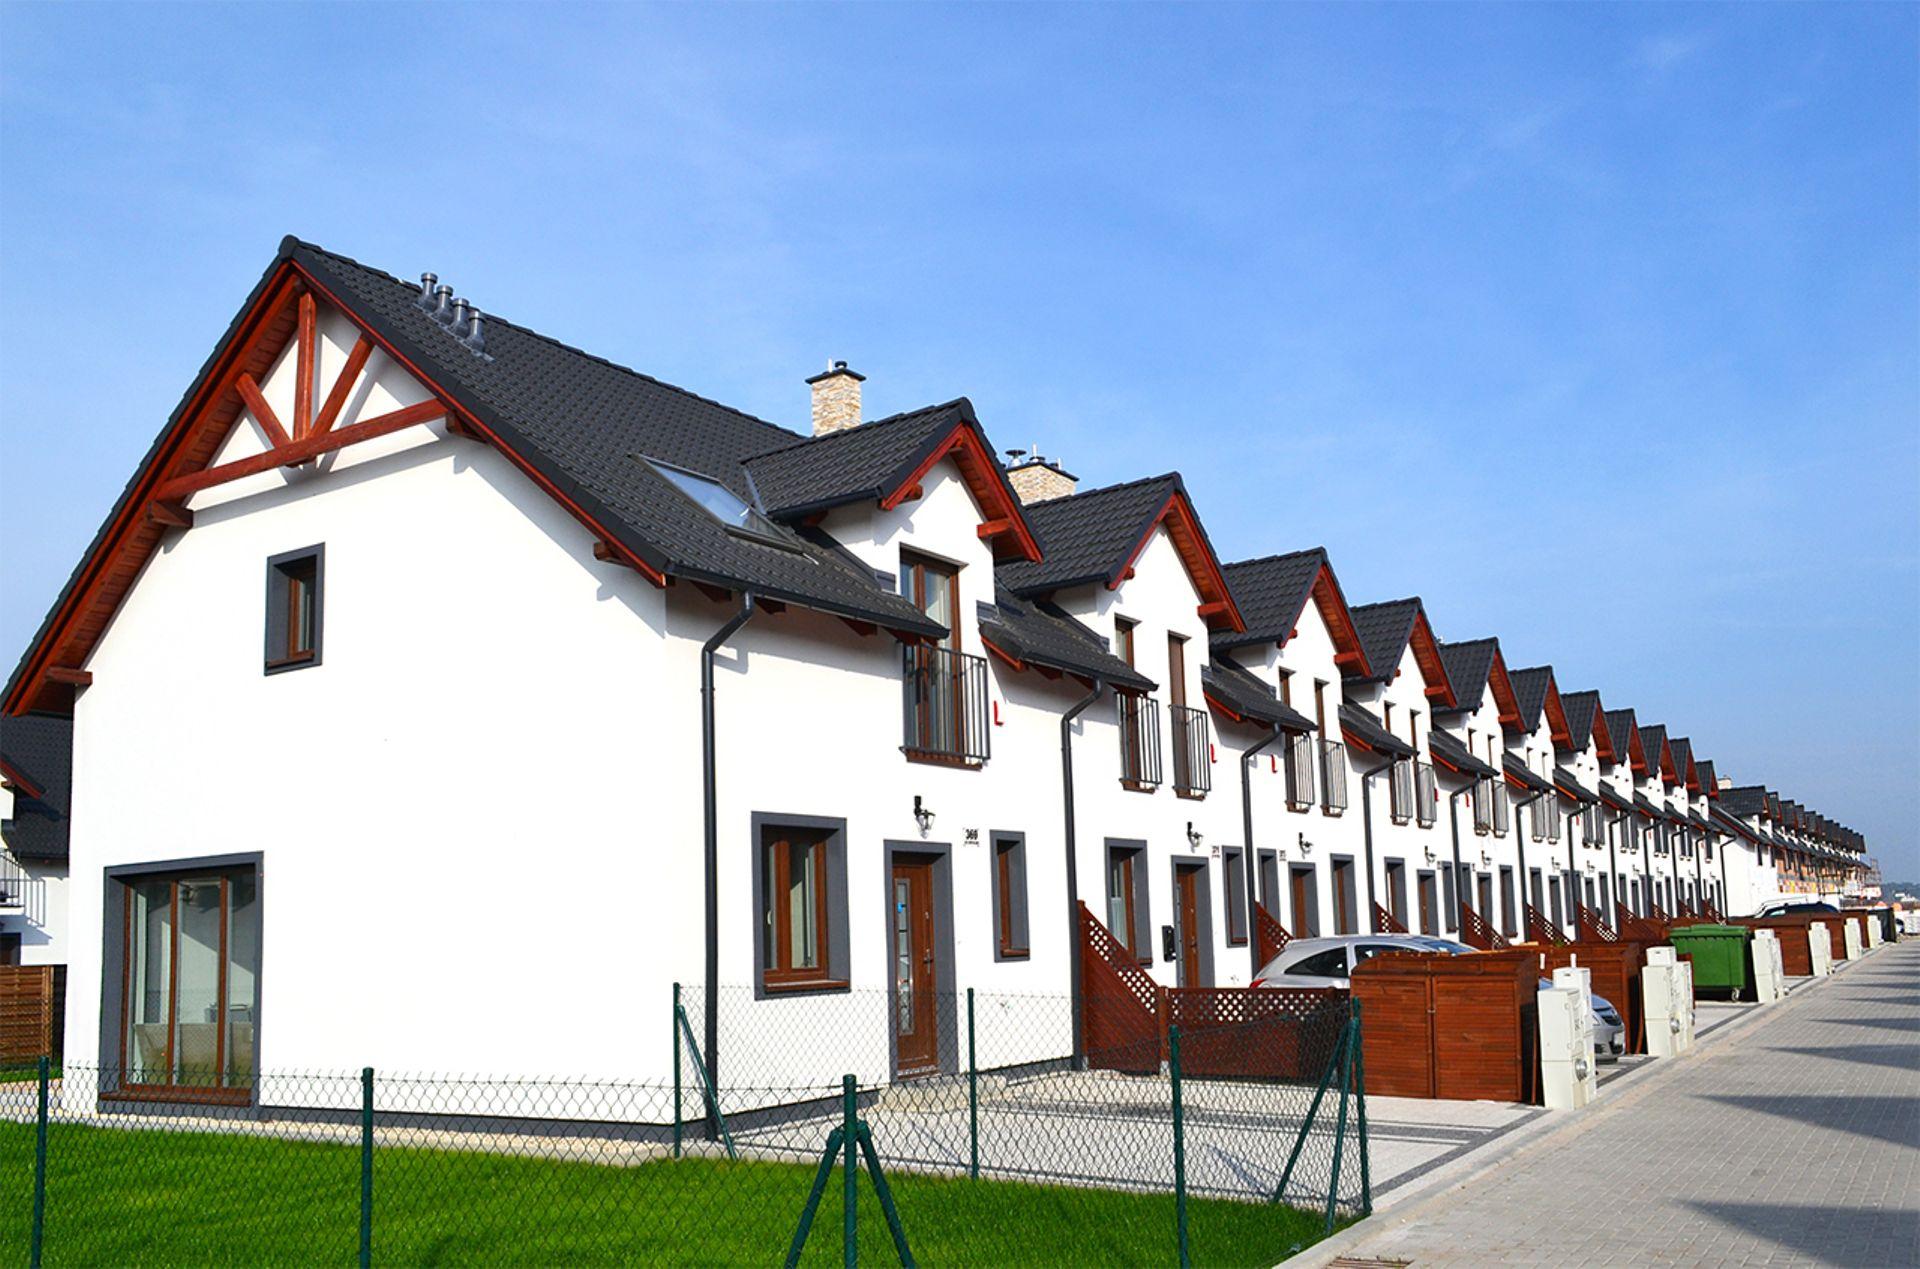 [wielkopolskie] Budowa domów na Rodzinnym Zakątku koło Poznania przebiega zgodnie z planem